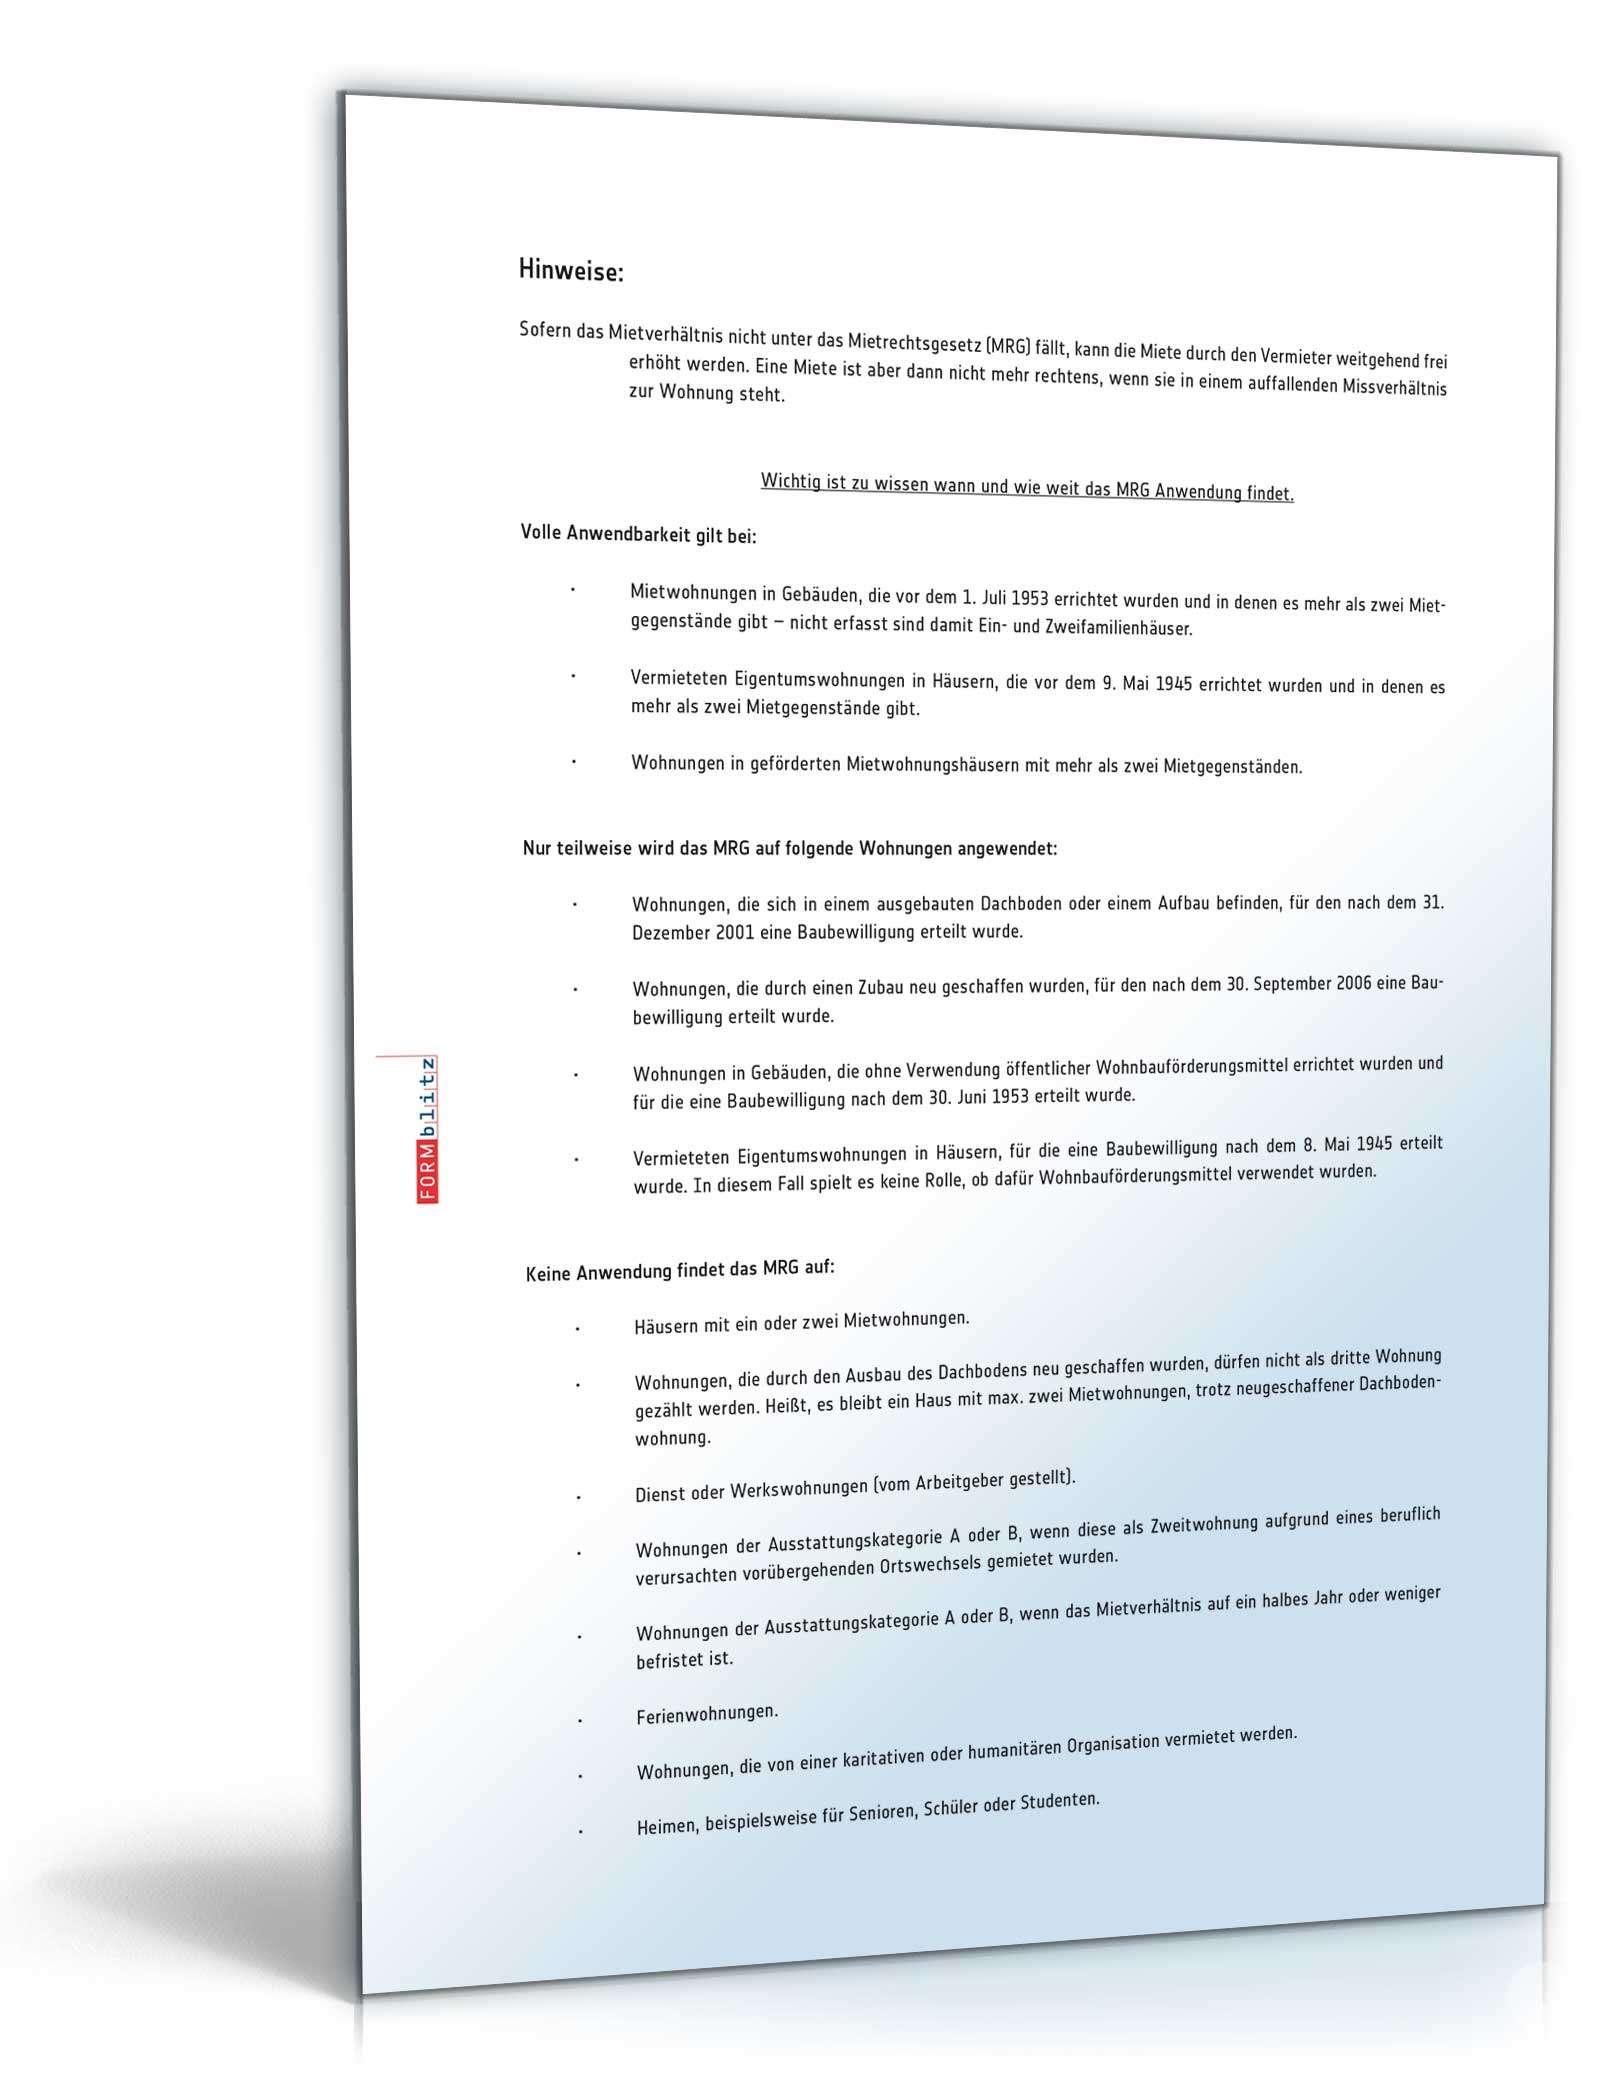 muster brief ankndigung mieterhhung ouml - Mieterhohungsverlangen Muster